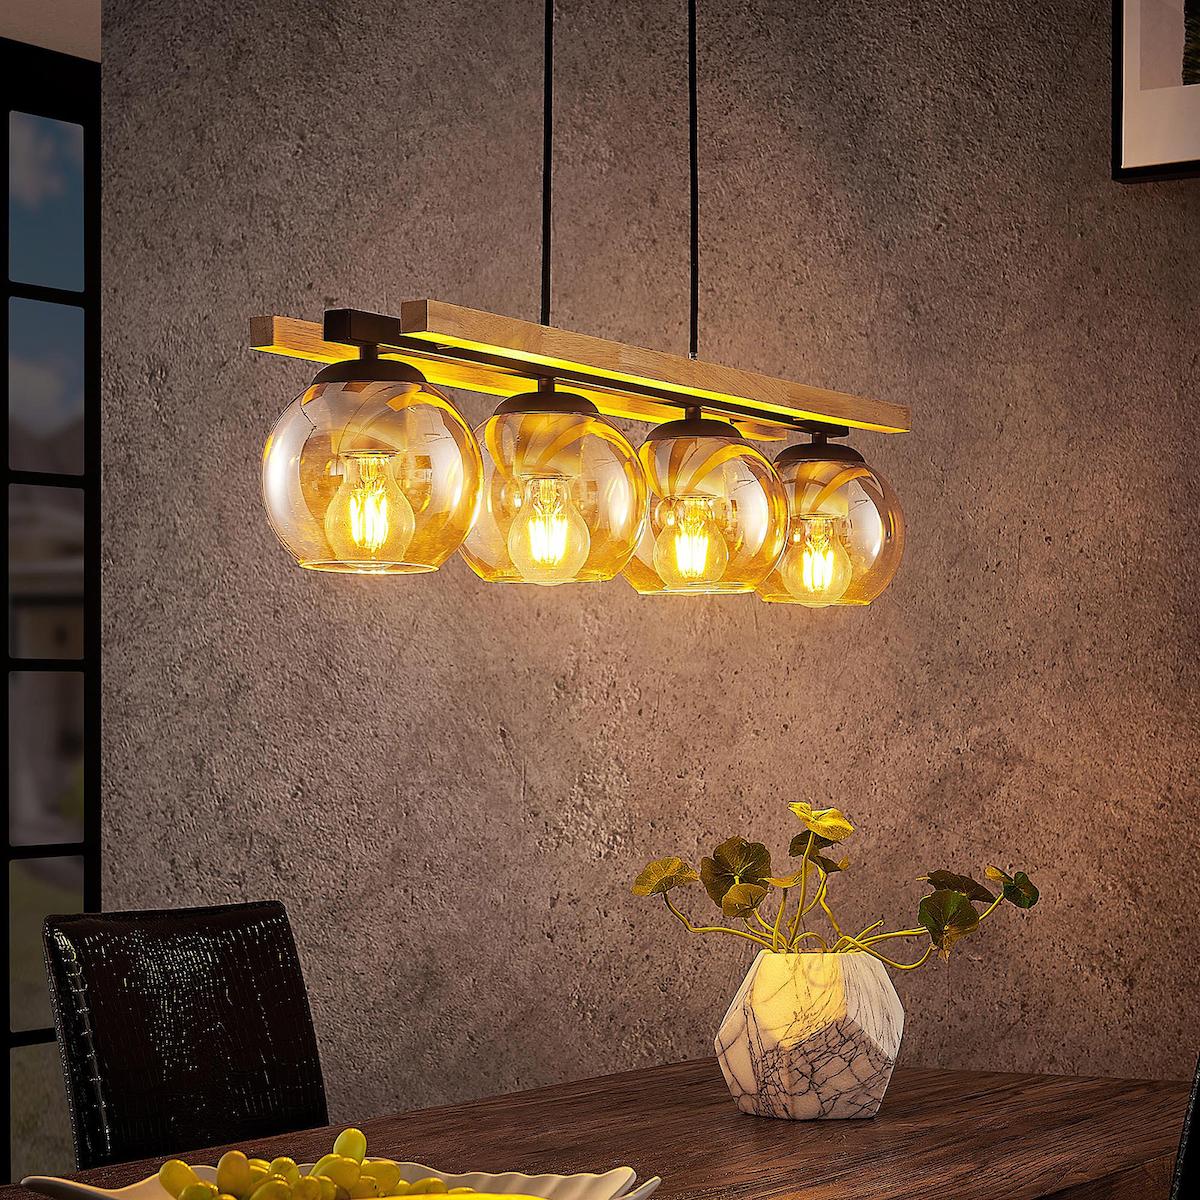 suspension boule en verre bois métal noir table bois inspiration déco intérieur